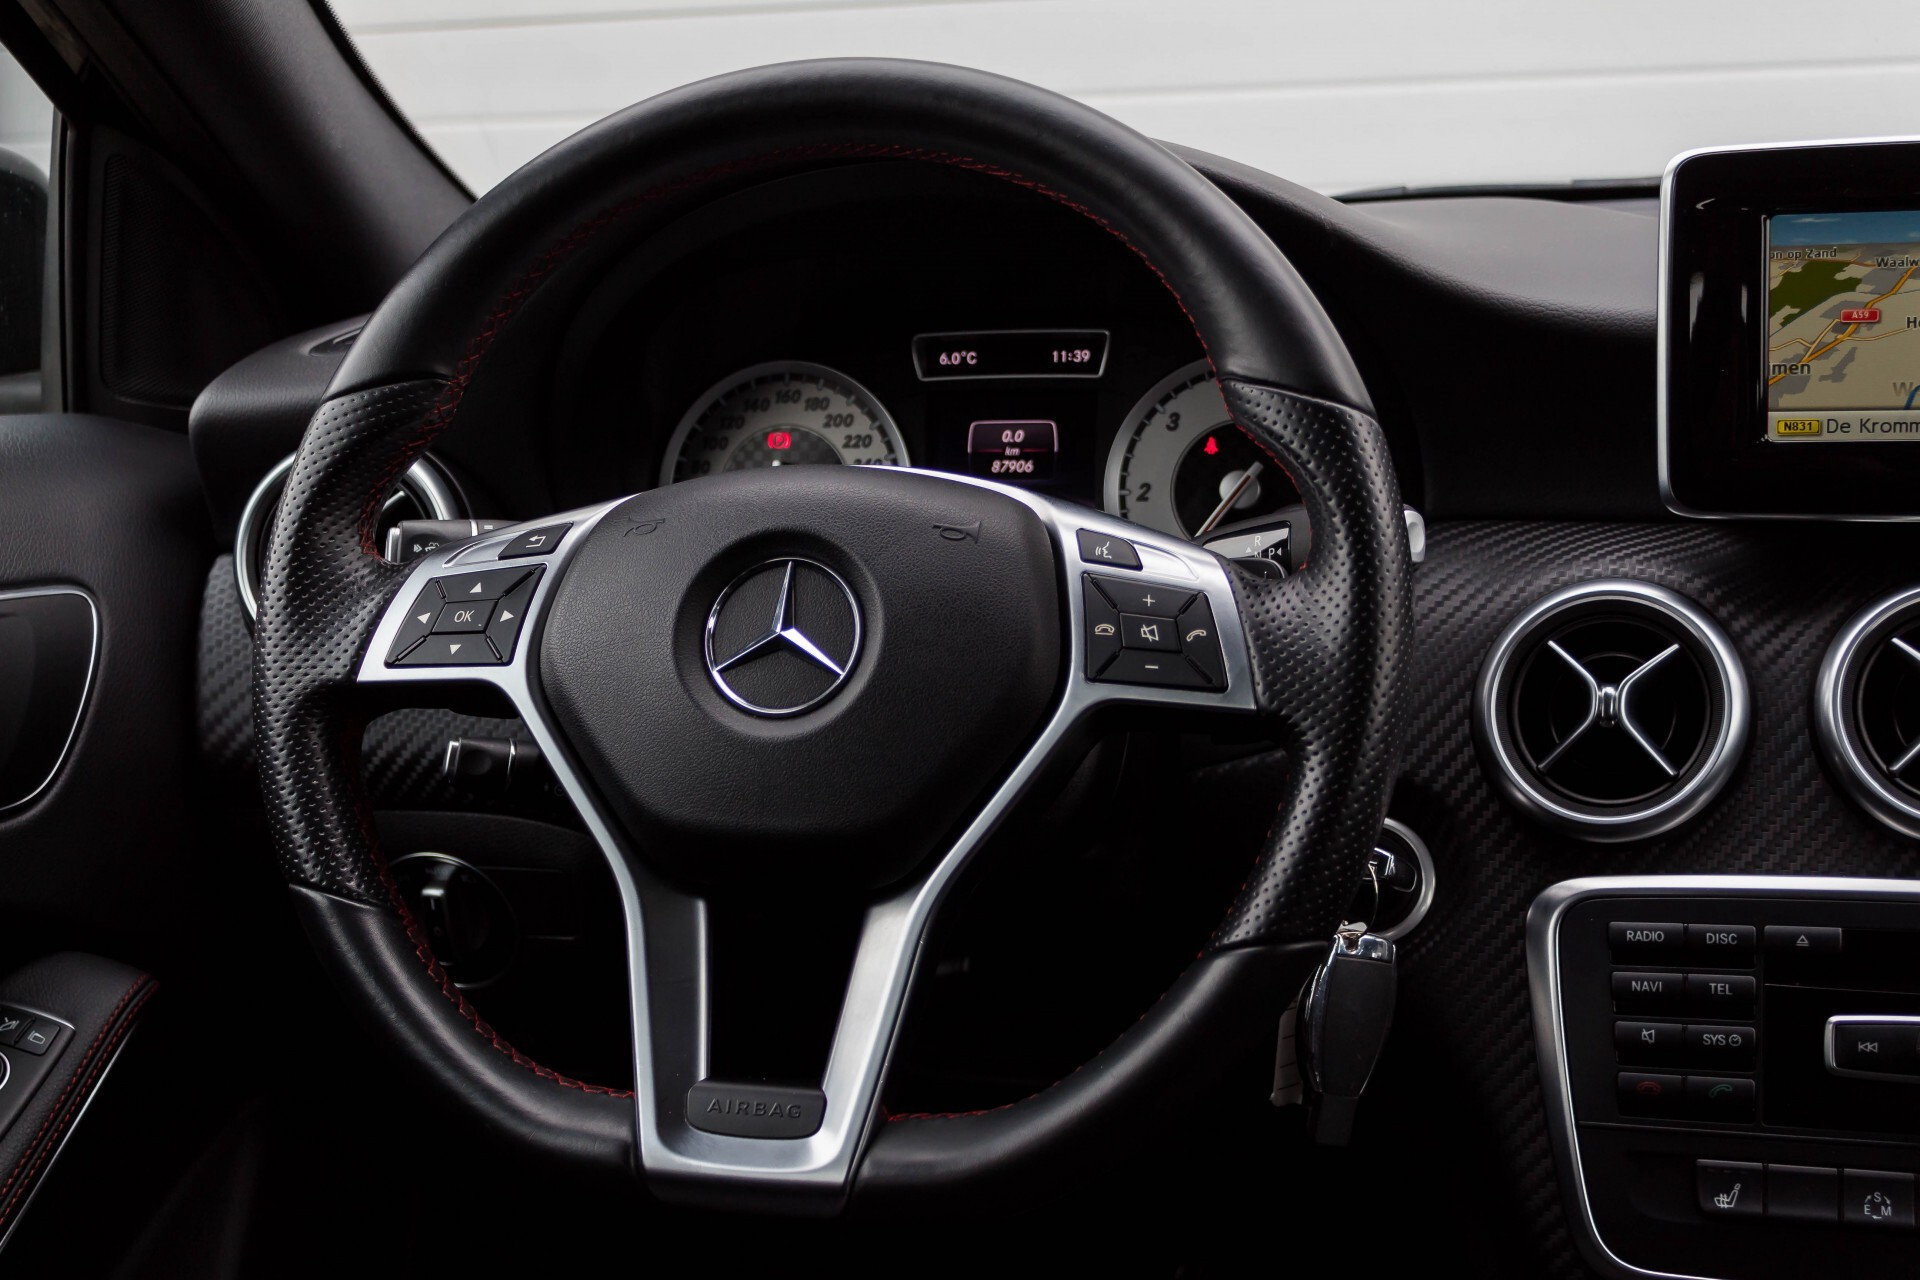 Mercedes-Benz A-Klasse 180 Cdi AMG Panorama Bi-xenon/Navi/PTS Aut7 Foto 8